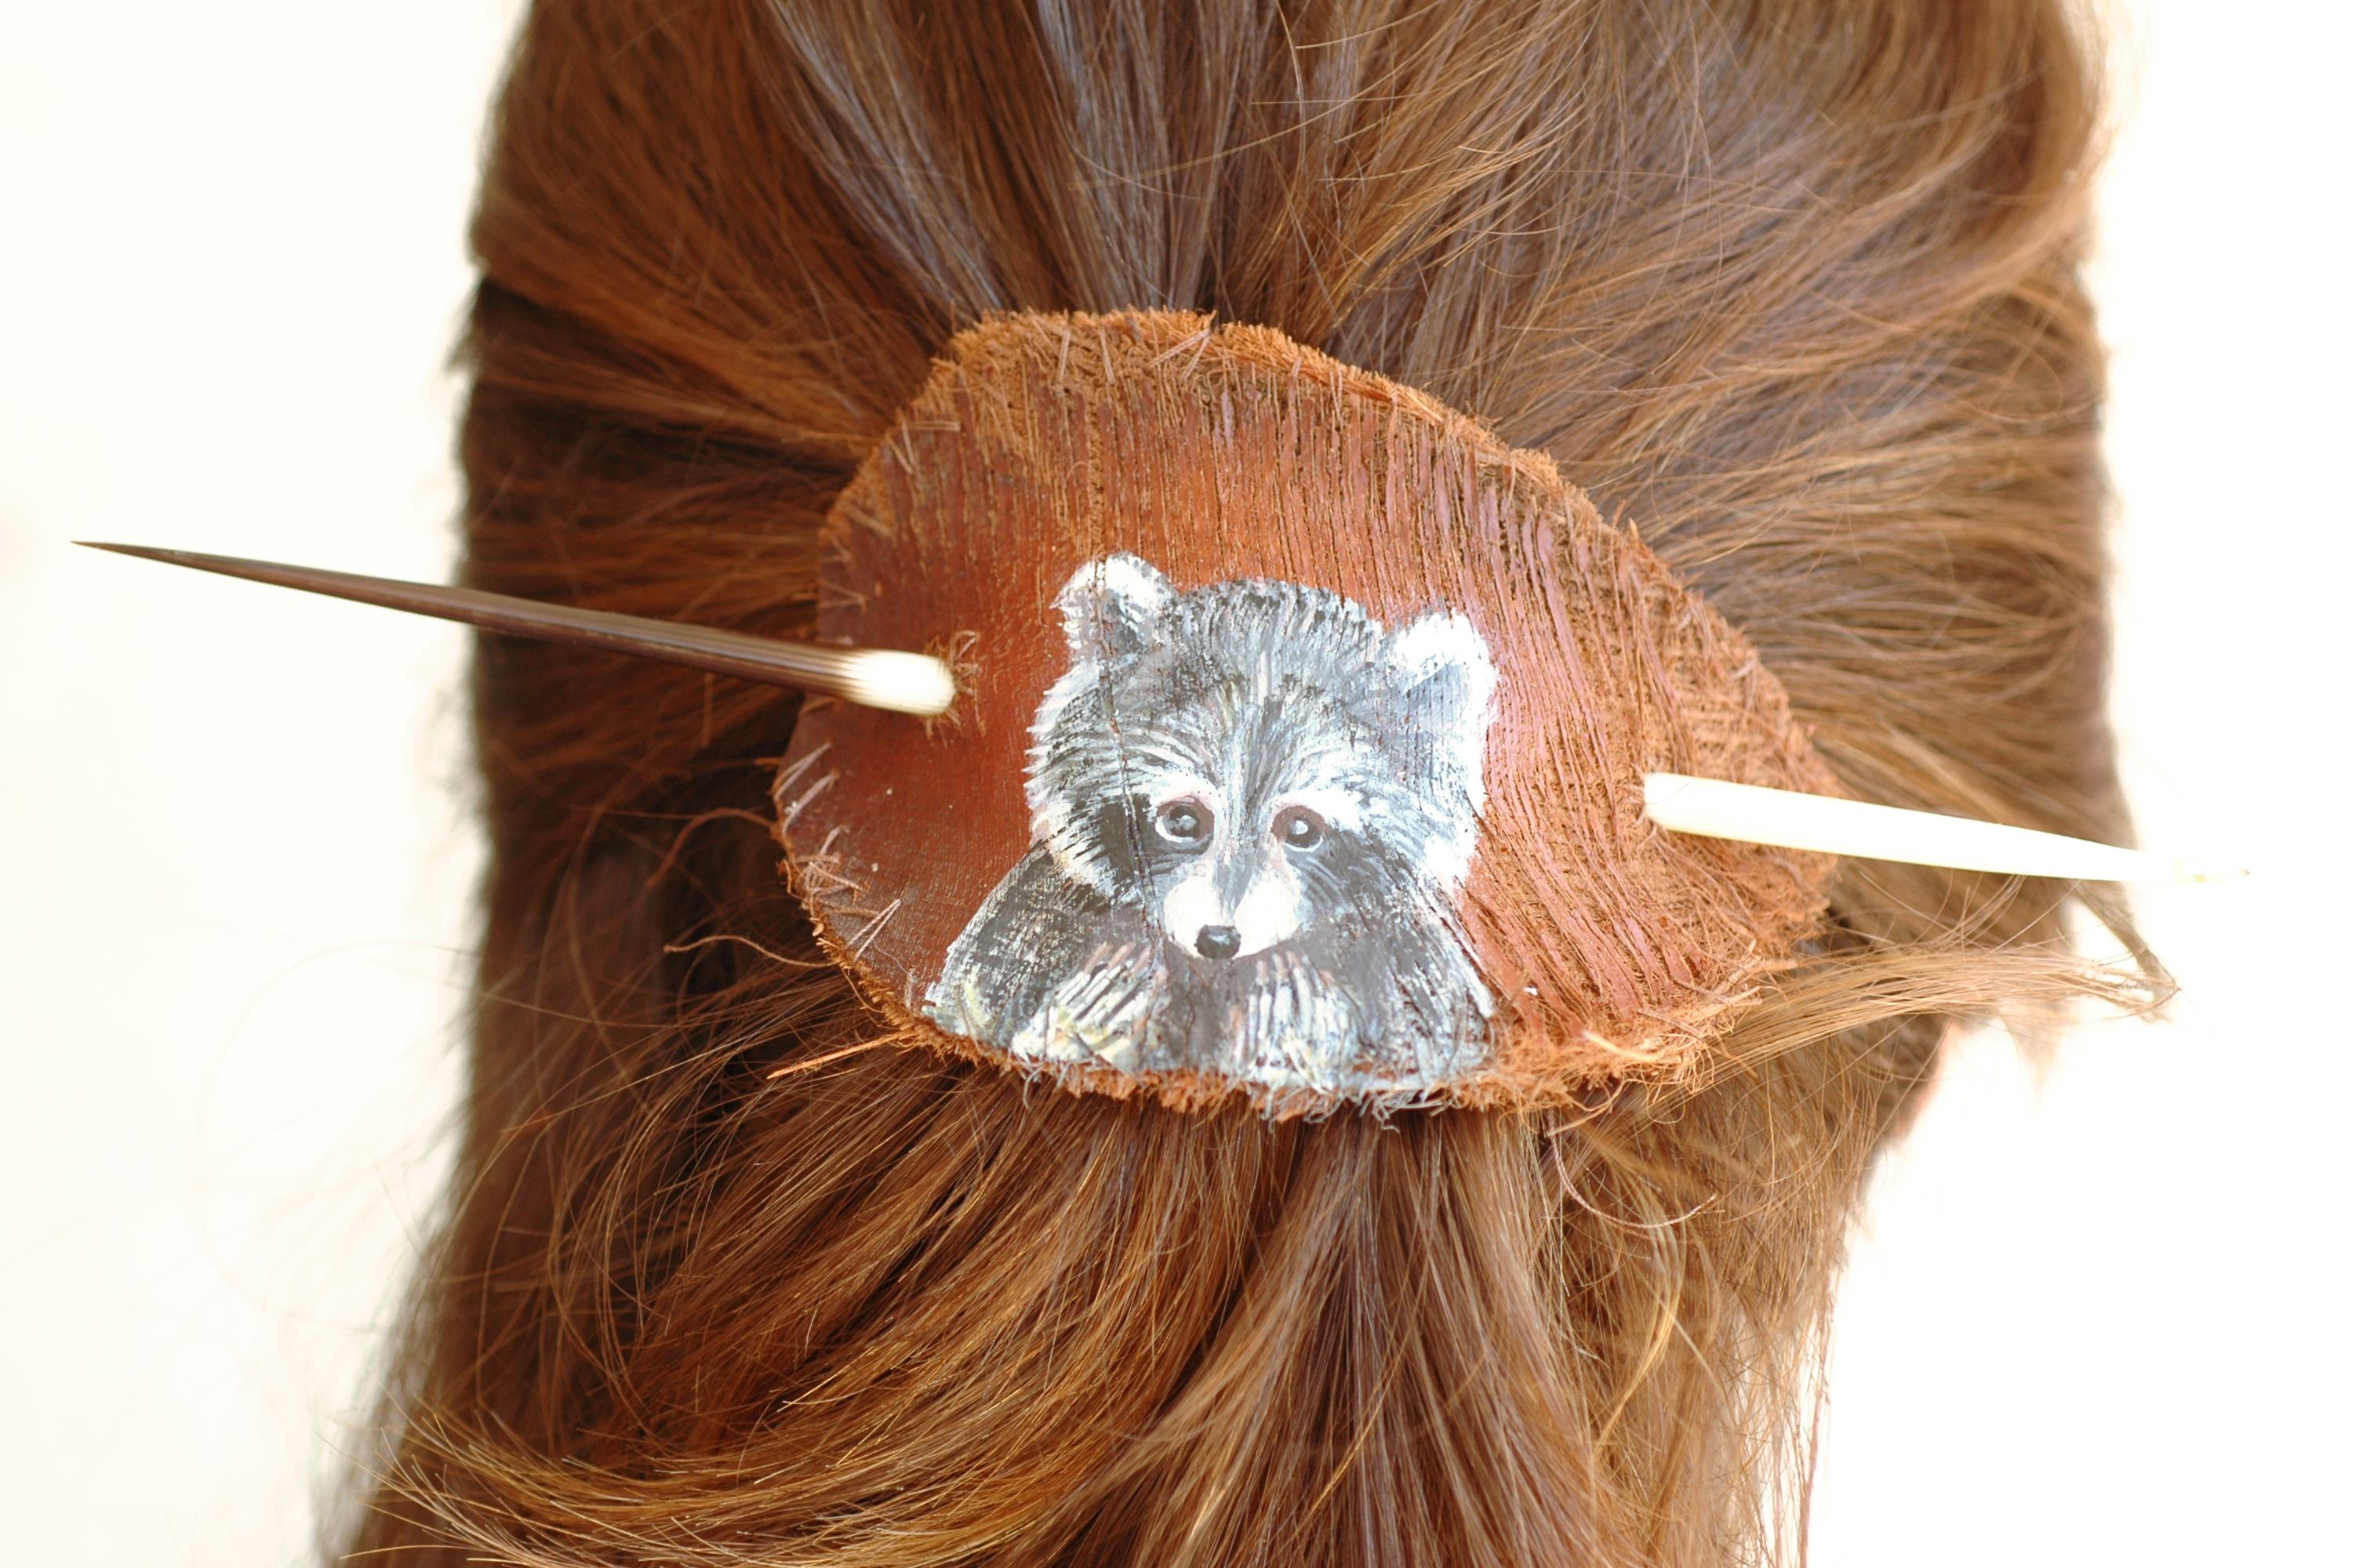 סיכת שיער מחומרים טבעיים